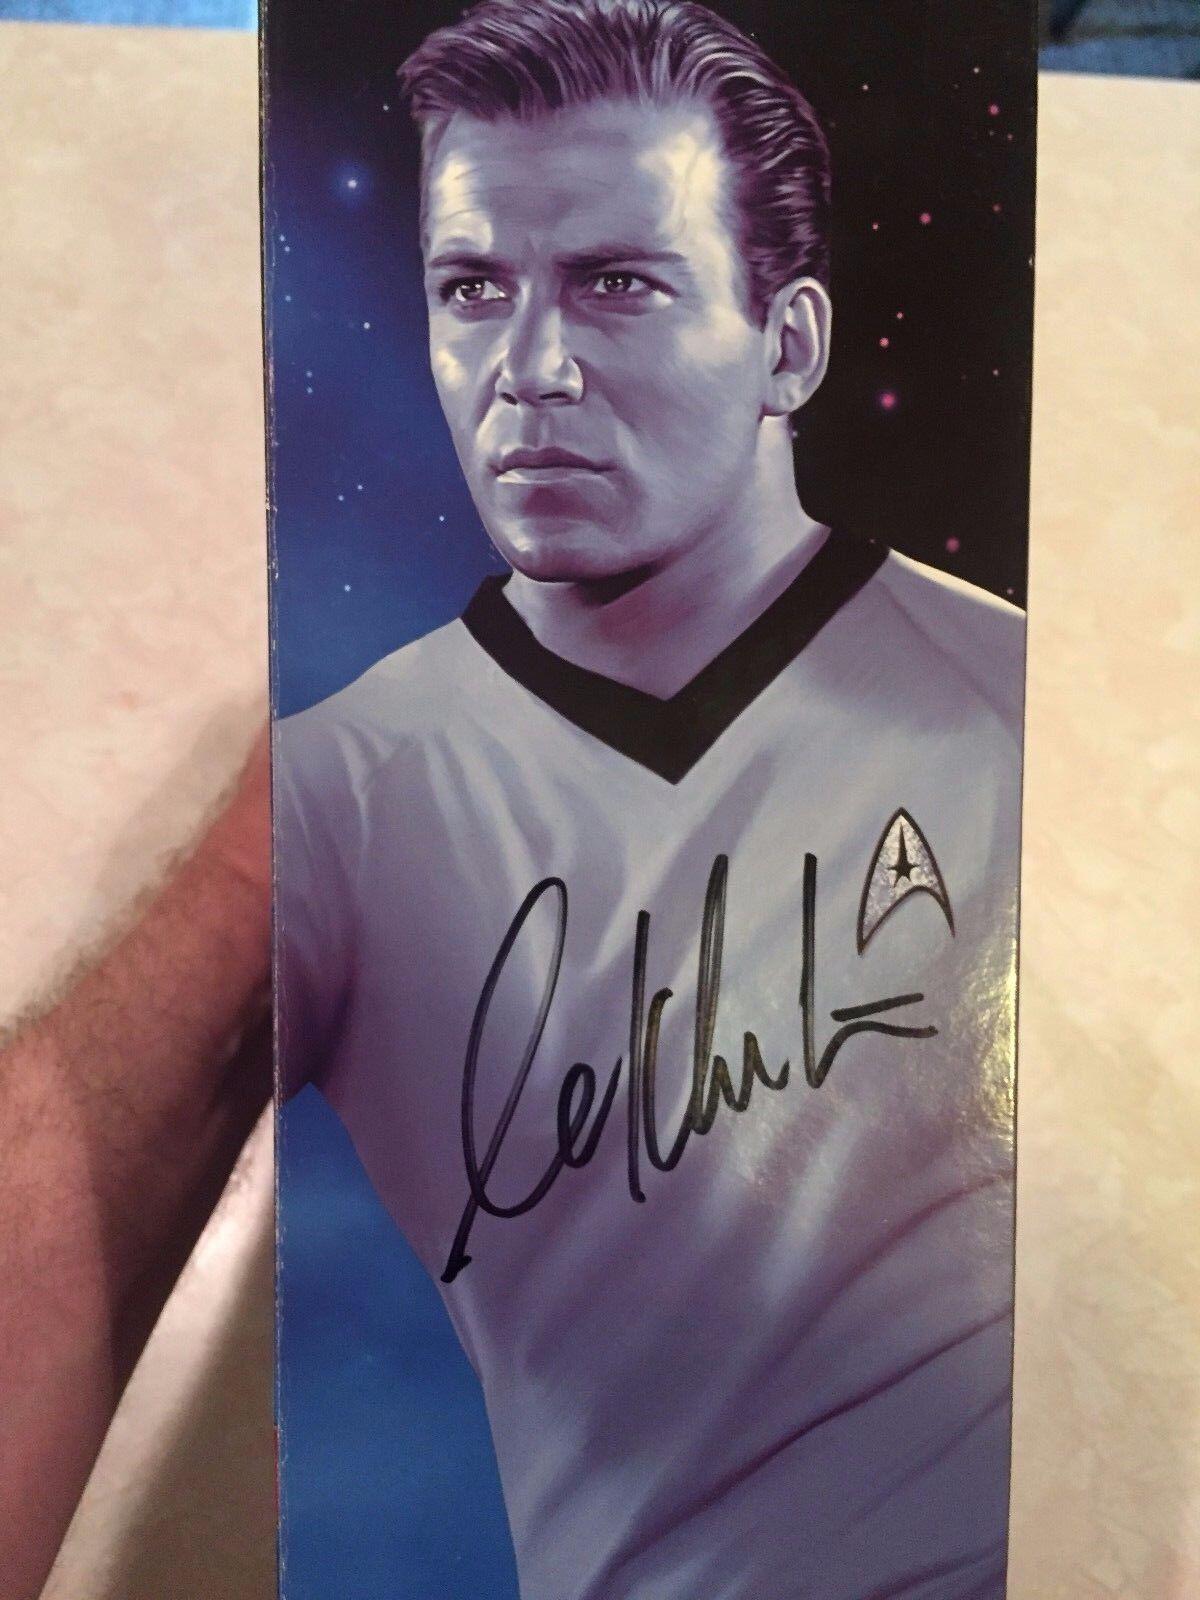 Diamond Select Capitaine Kirk Action Figure signé dédicacé par William Shatner